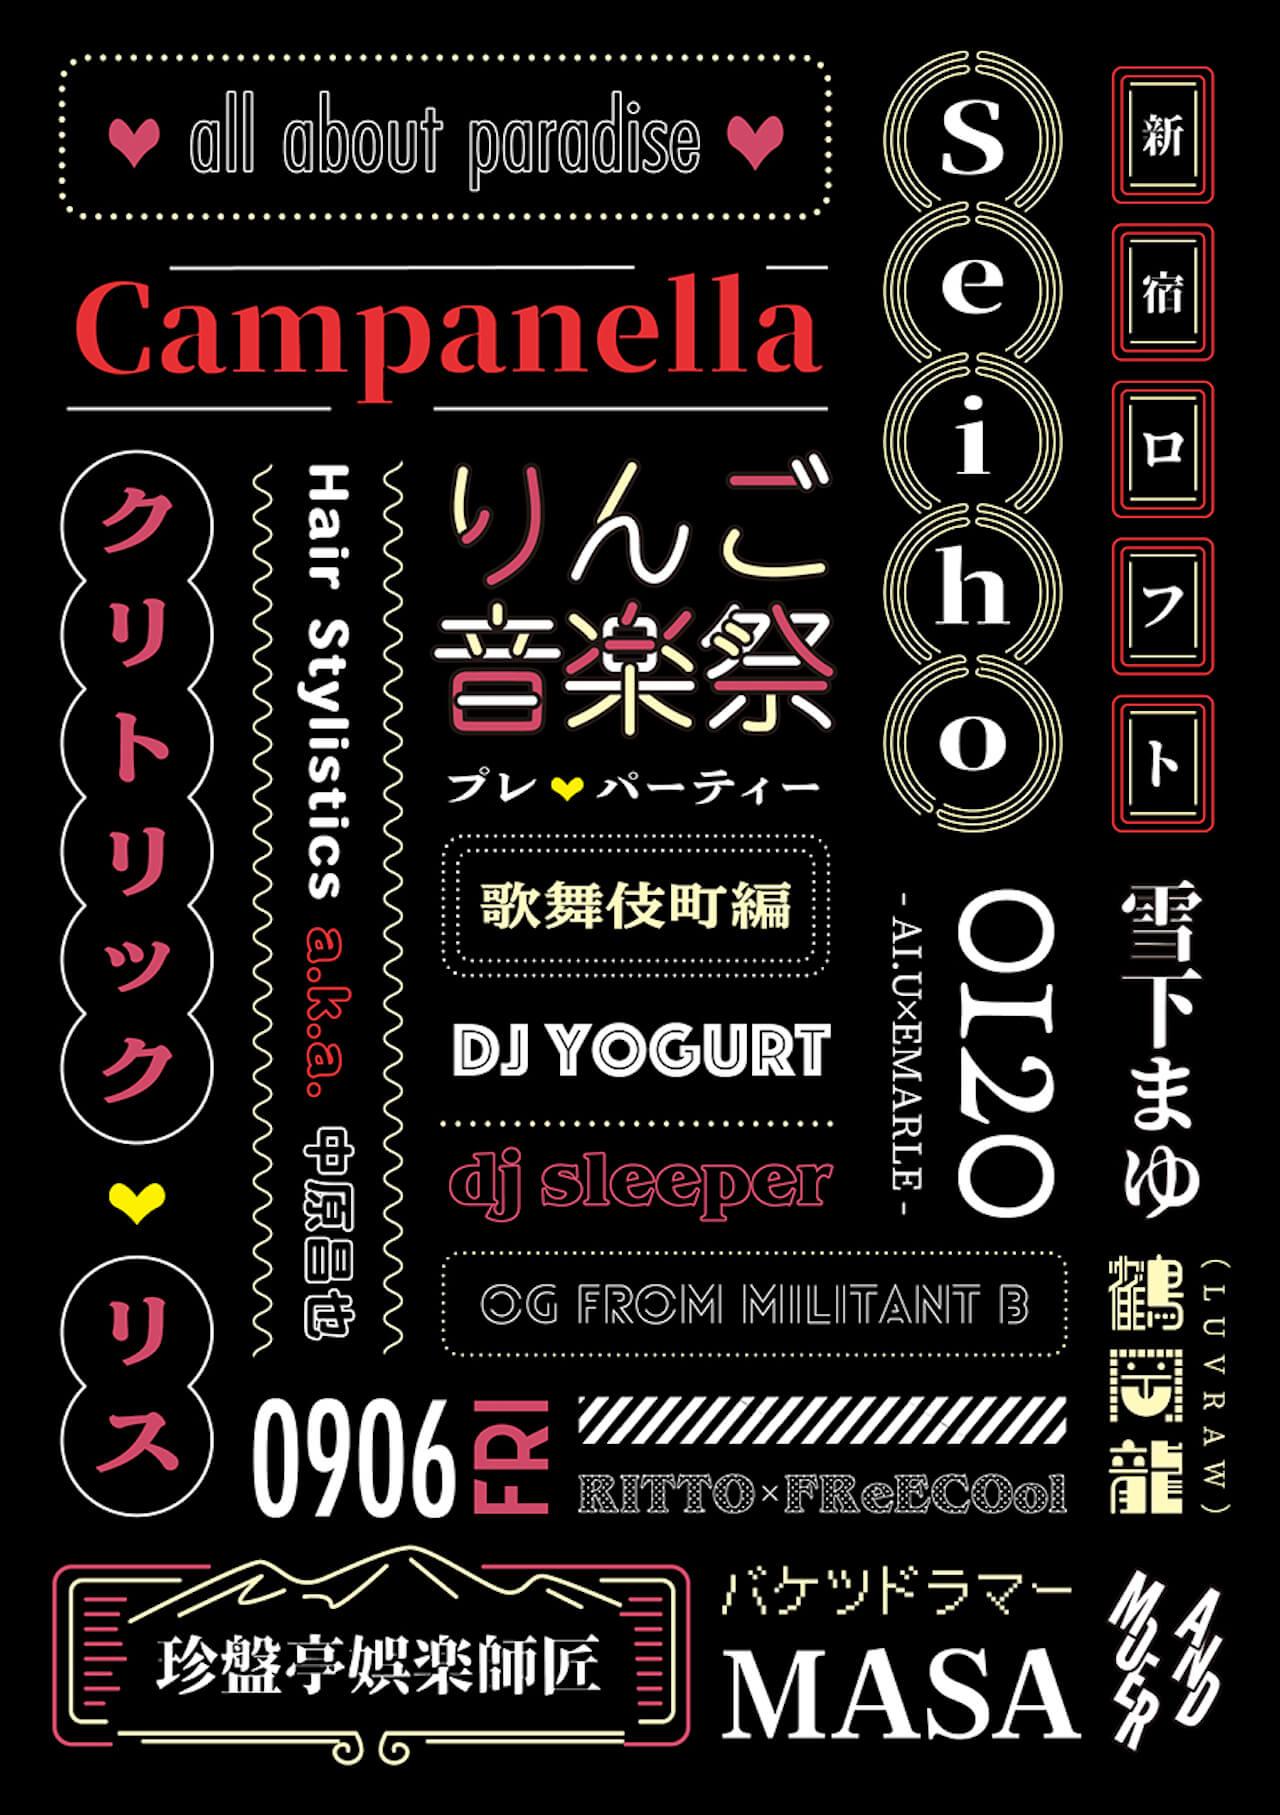 「りんご音楽祭 2019」第7弾出演者でYAKUSHIMA TREASURE、okadada、Olive Oilら32組が追加|プレパーティー歌舞伎町編にはSeiho、Campanella、RITTO × FReECOolら music190816-ringofes-2